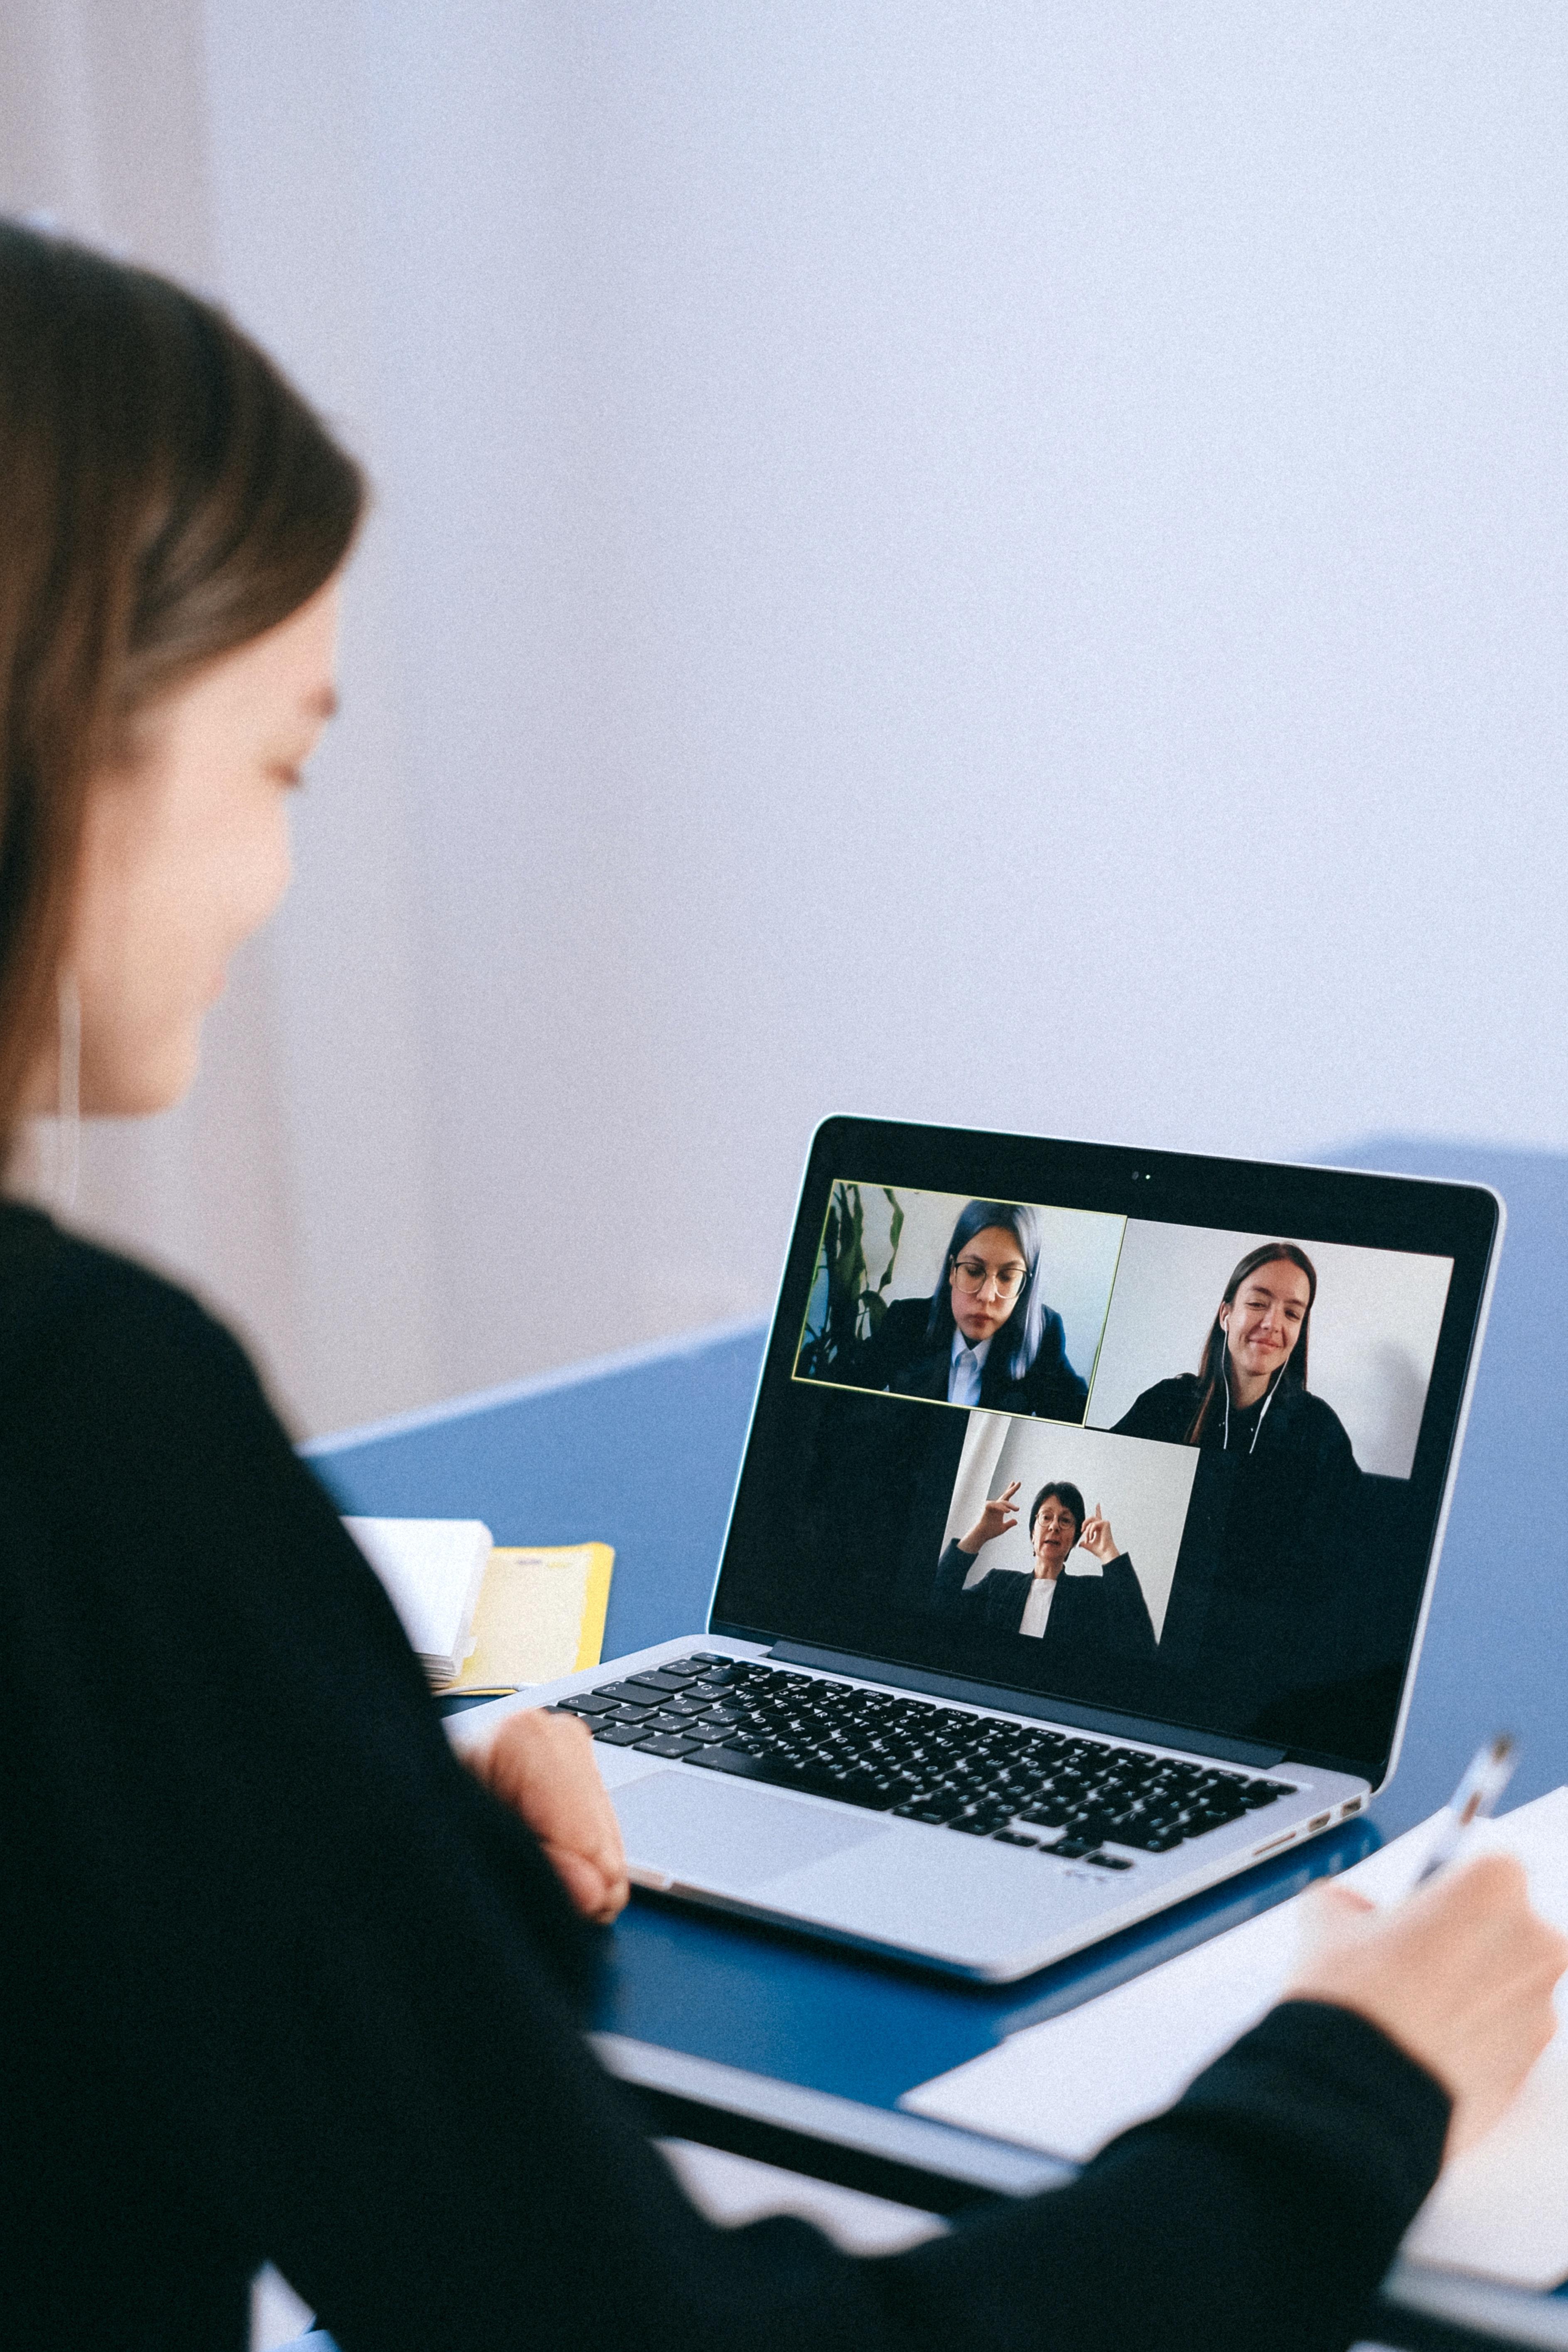 Se permiten las reuniones telemáticas y sin sesión para órganos de administración y gestión de personas jurídicas civiles y mercantiles